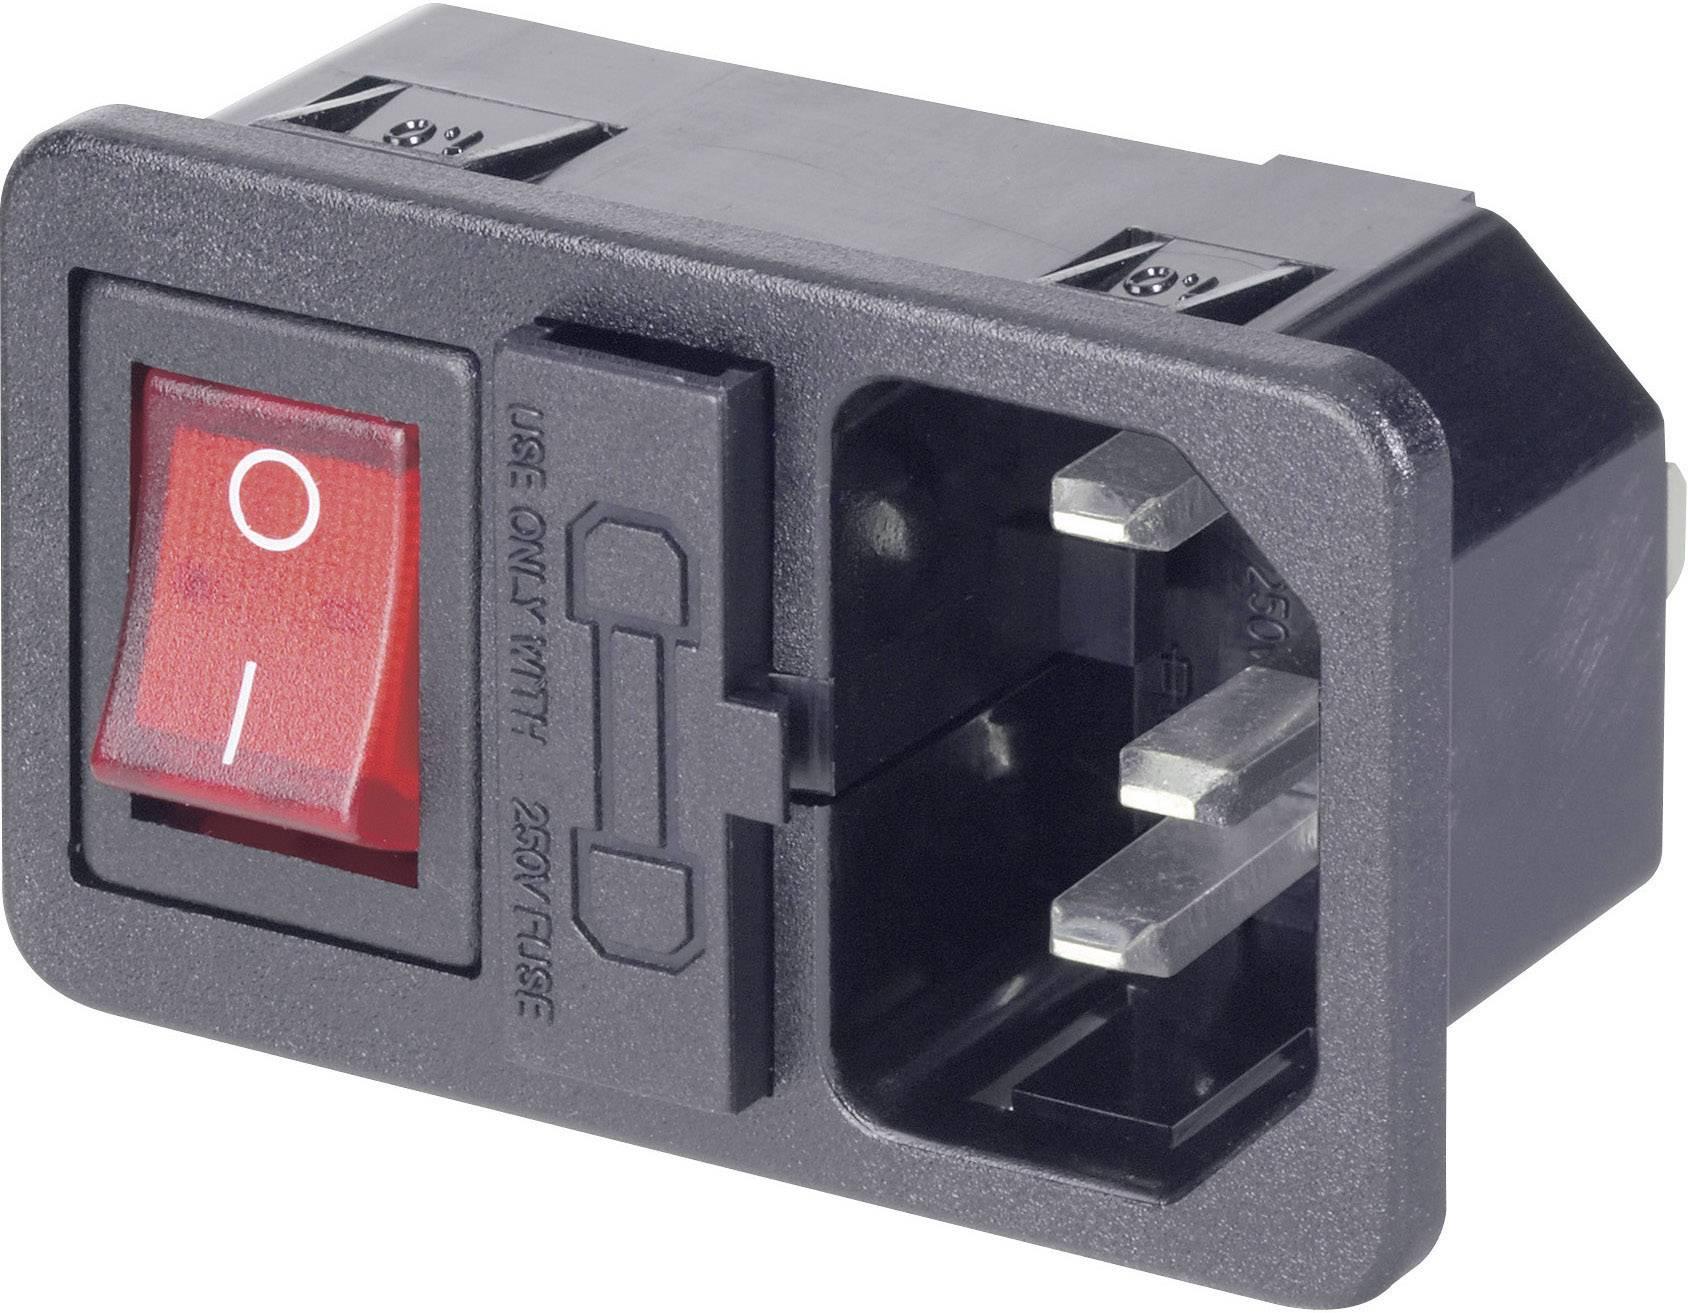 Einbau-Buchse Kaltgeräte Stecker Dose männlich Flansch Stecker Geräte C14 Plug